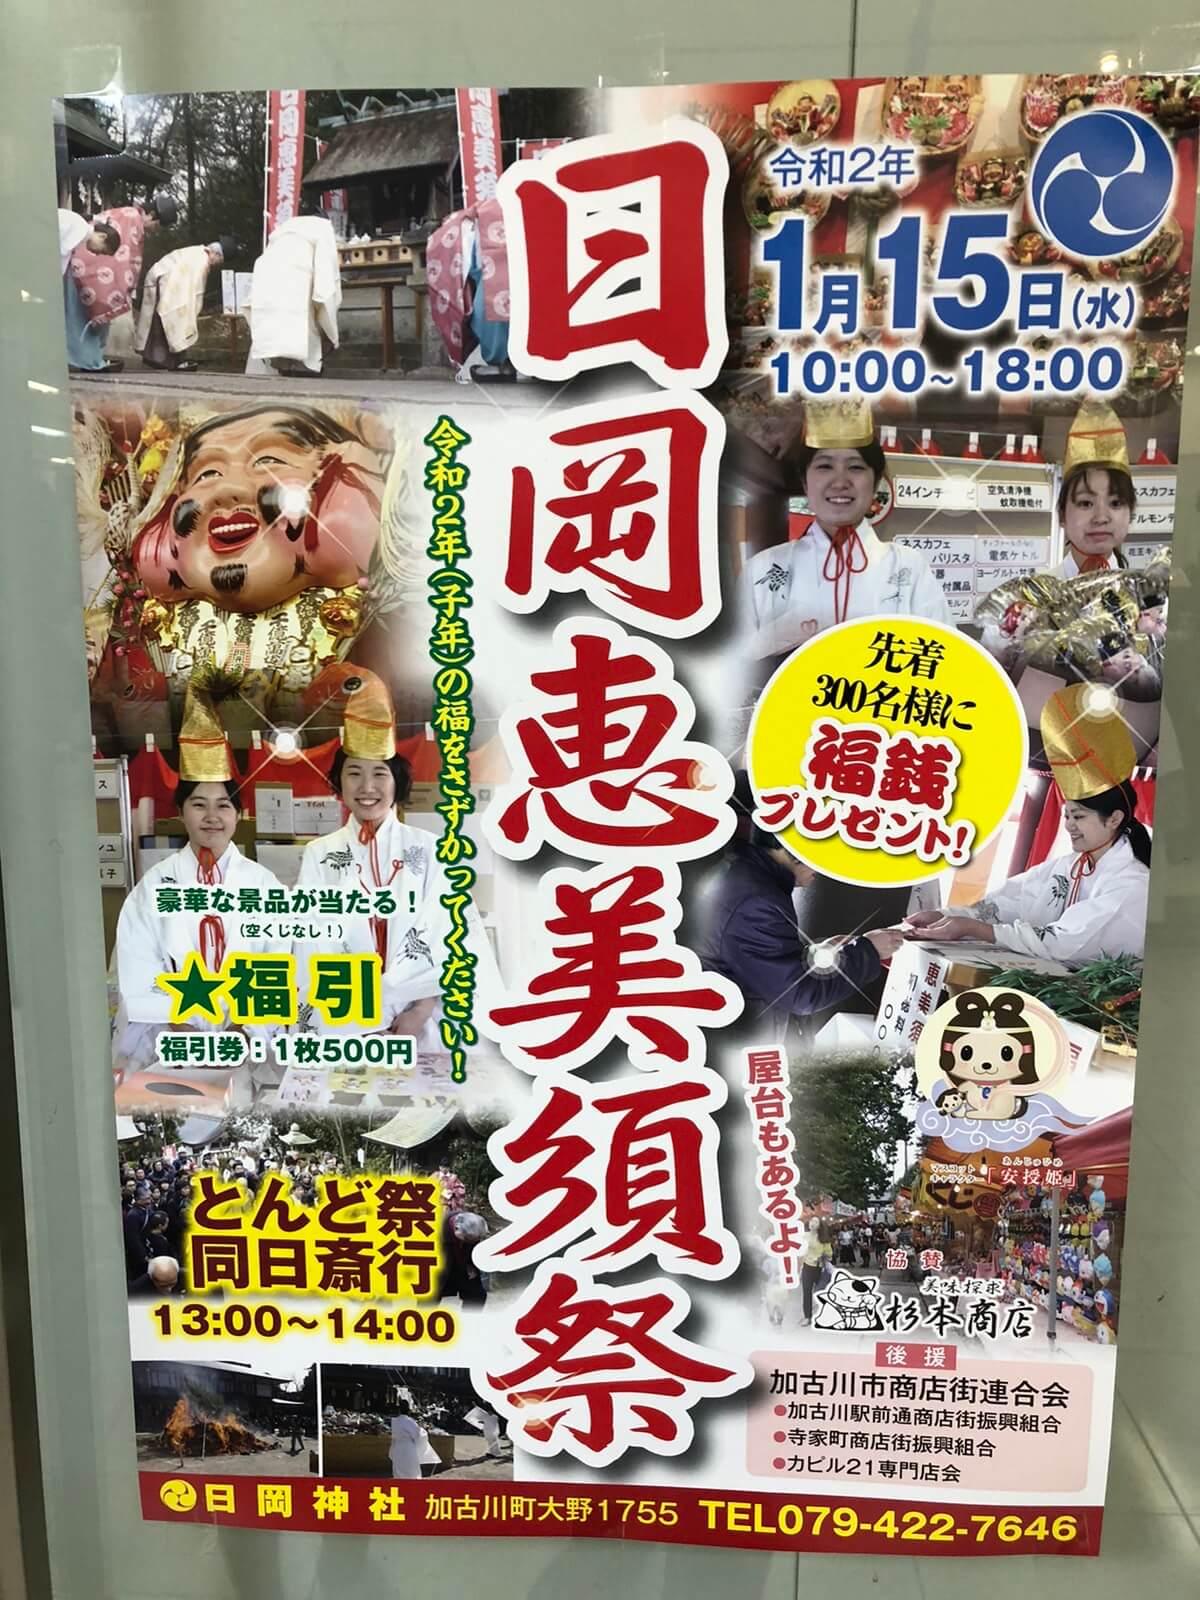 日岡恵美須祭・とんど祭ポスター